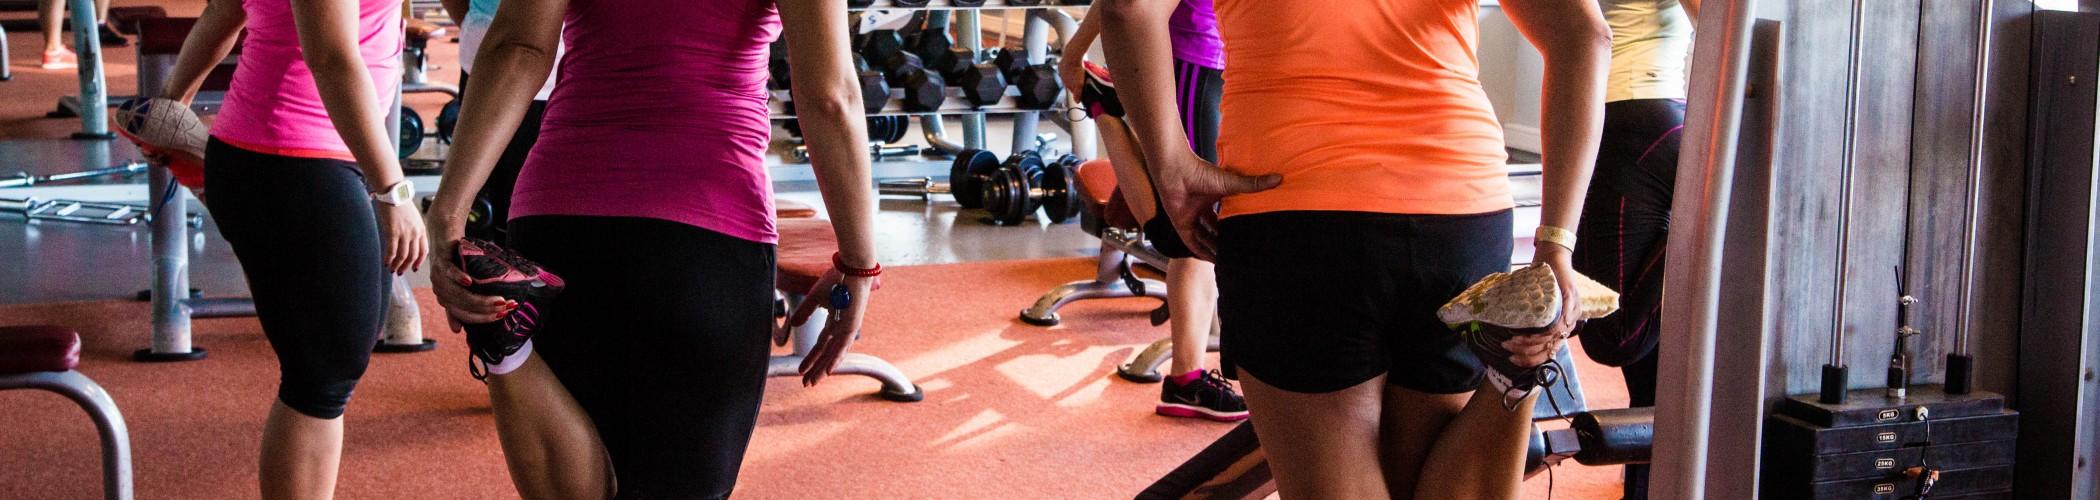 Jõusaali treeningud naistele